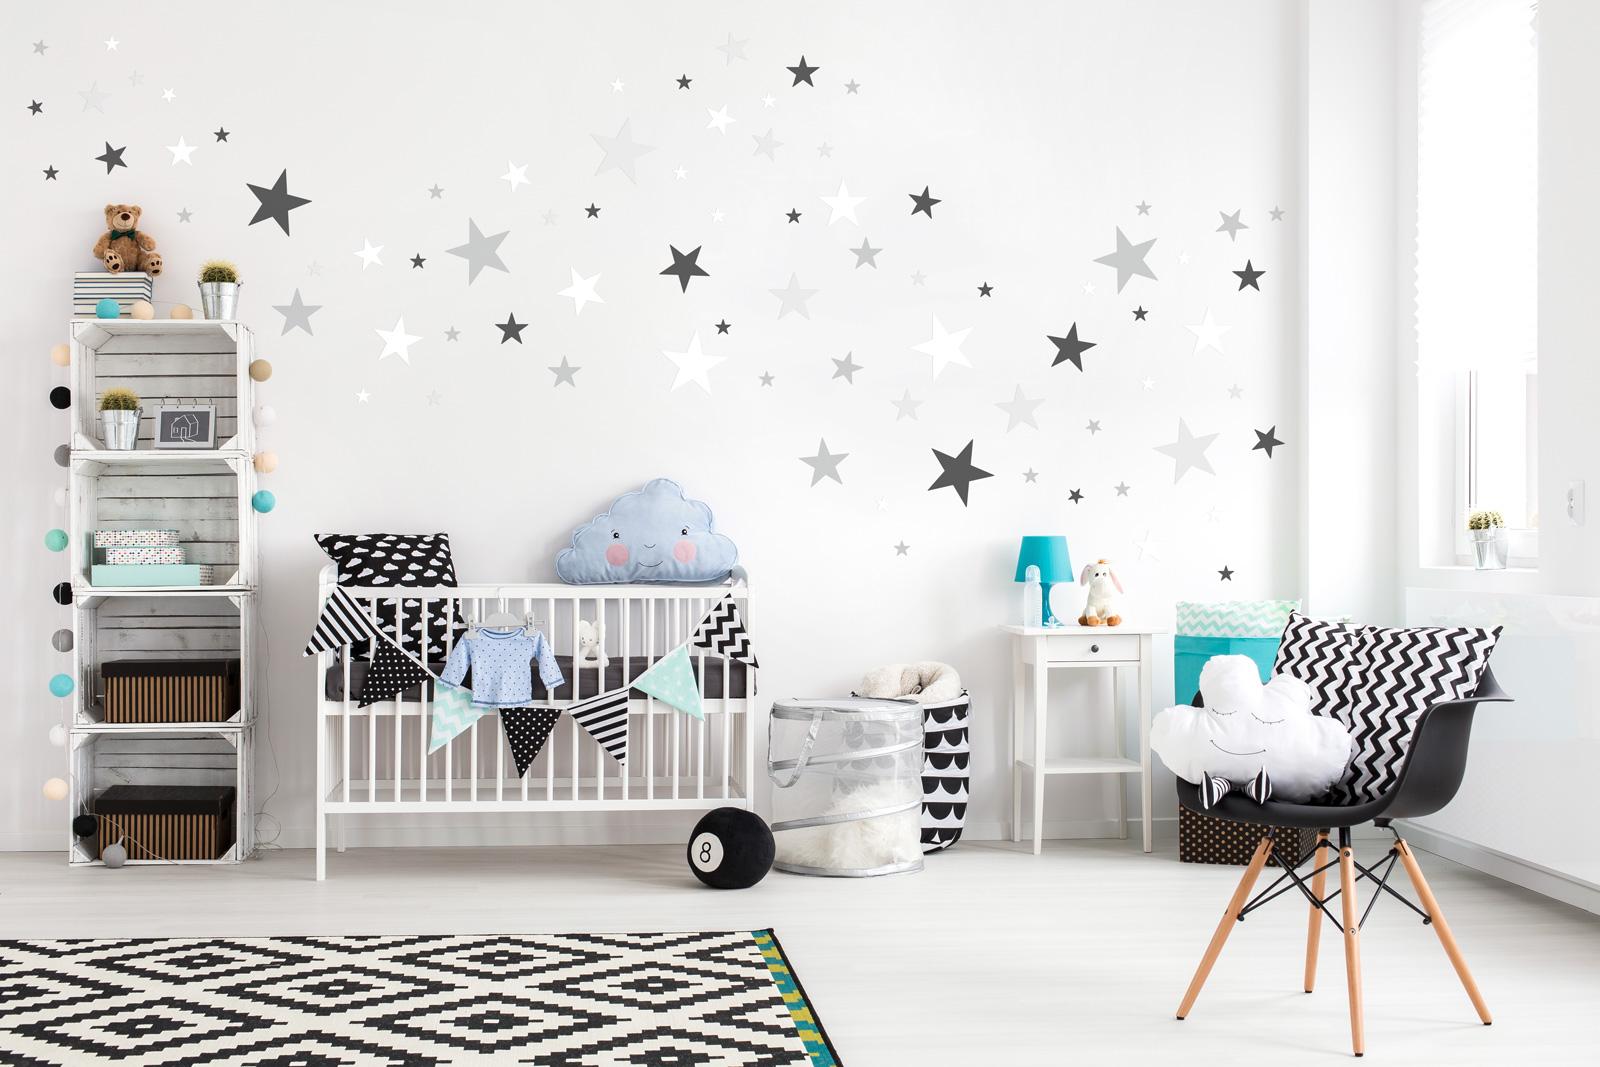 Dekorace na zeď - hvězdičky šedá/bílá